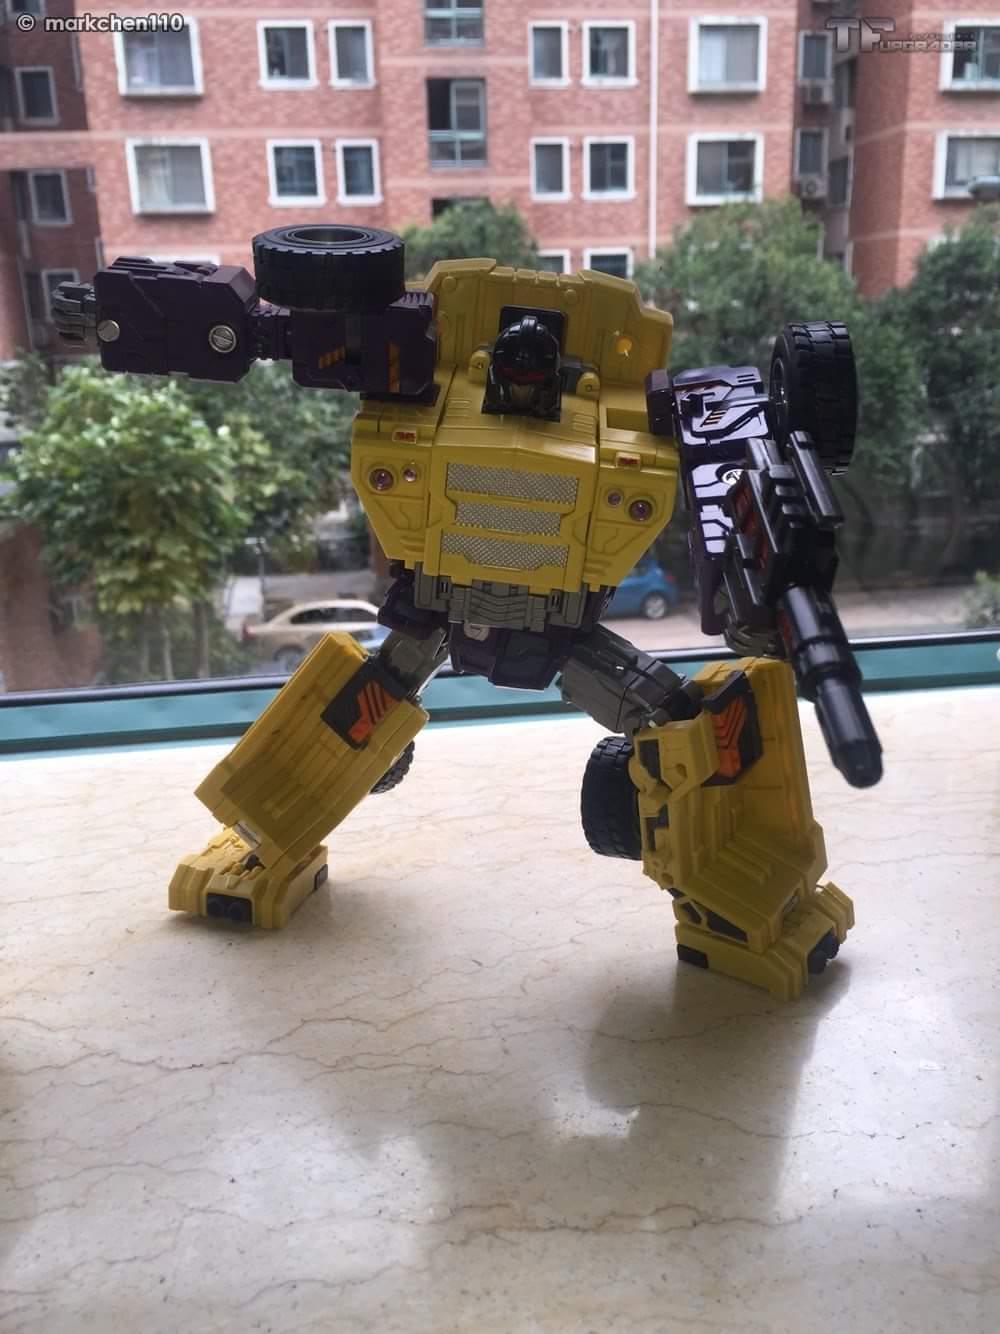 [Toyworld] Produit Tiers - Jouet TW-C Constructor aka Devastator/Dévastateur (Version vert G1 et jaune G2) - Page 8 HjDl3rMt